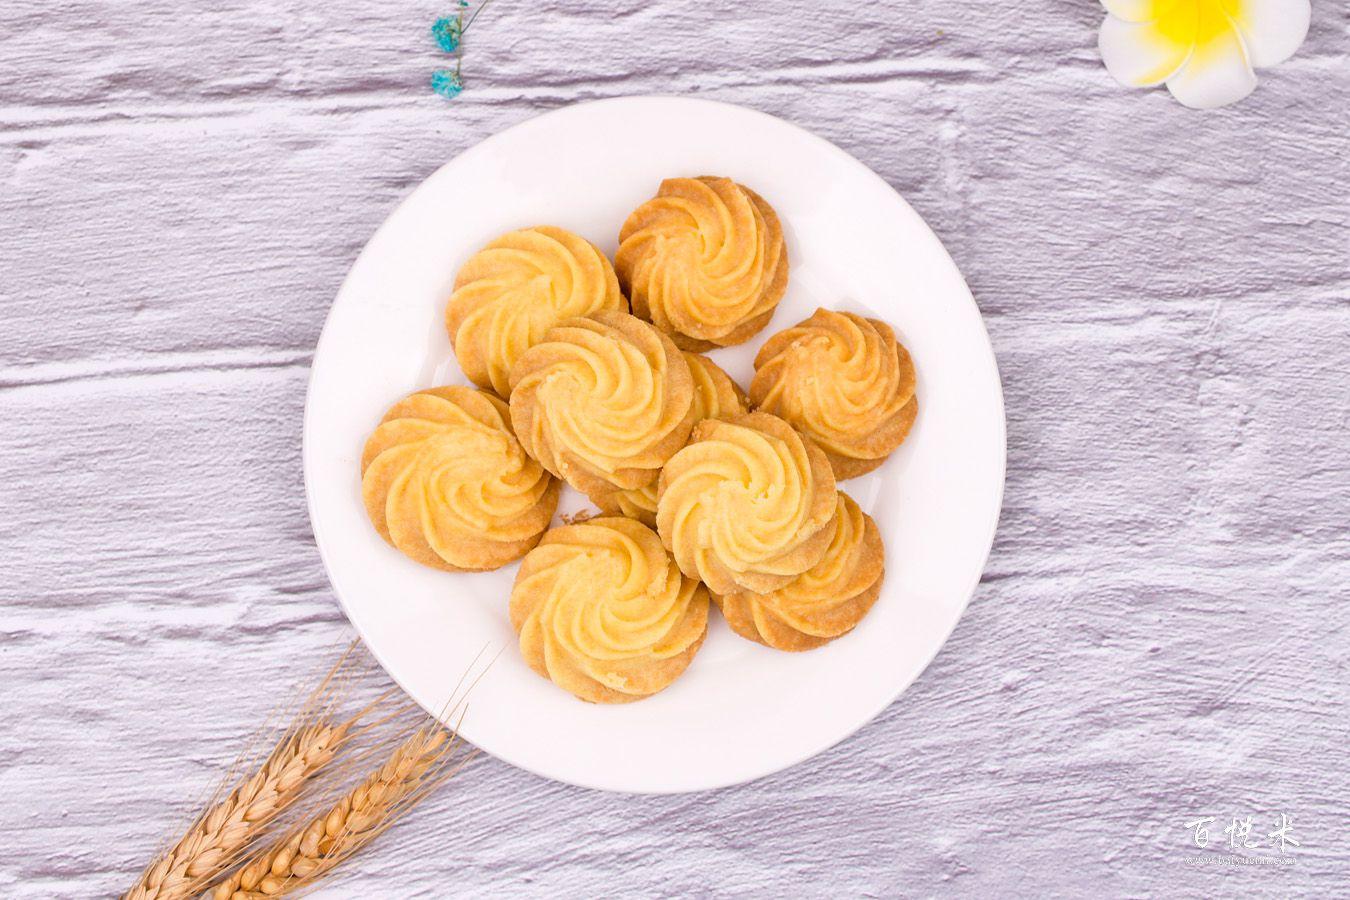 原味曲奇饼干的做法大全,曲奇饼干西点培训图文教程分享